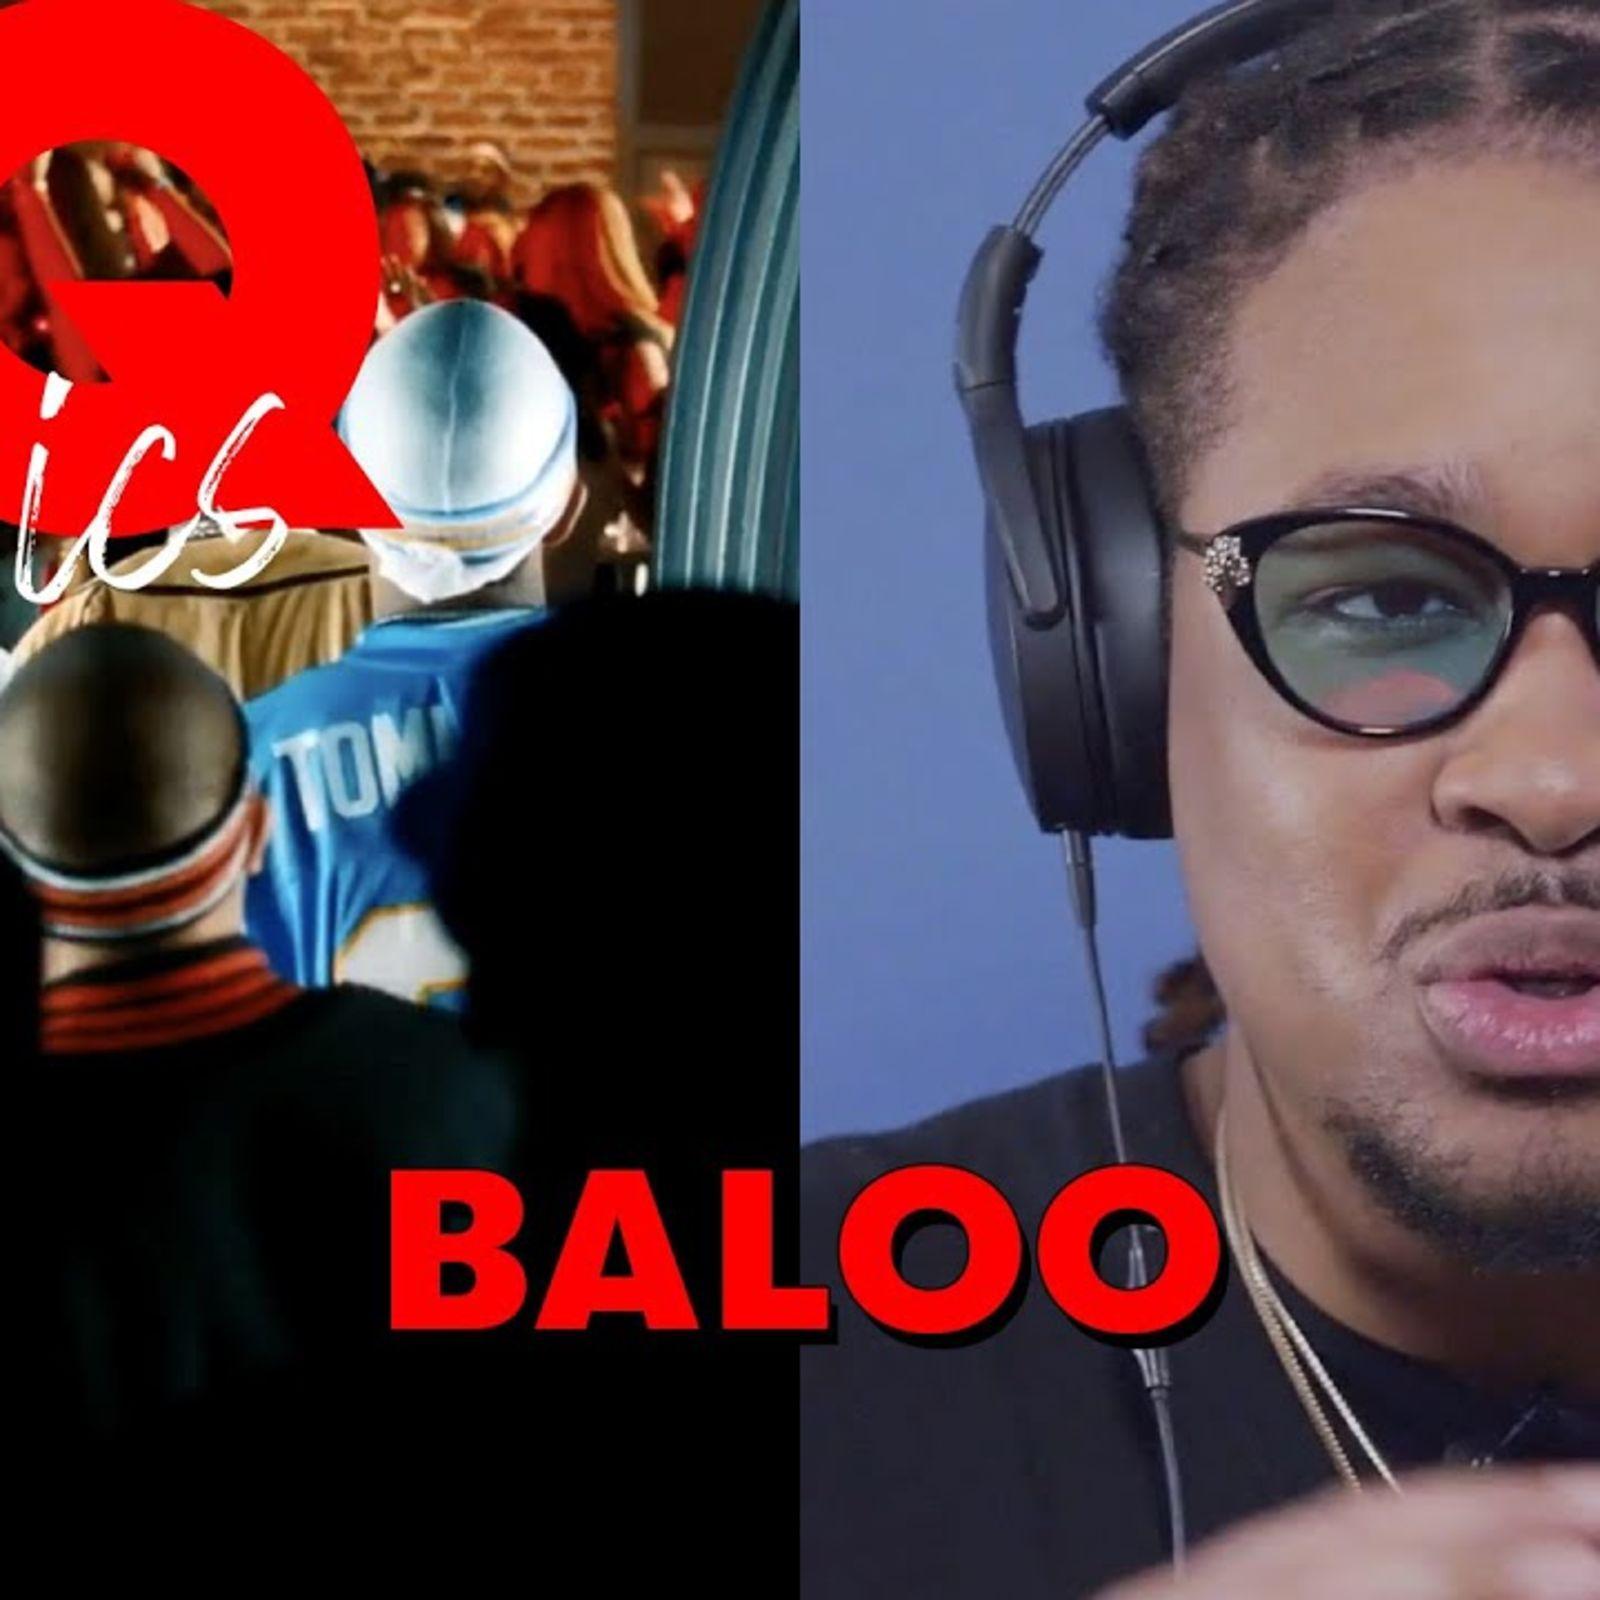 Baloo juge les classiques du rap : 50 Cent, 2Pac, The Notorious B.I.G.…